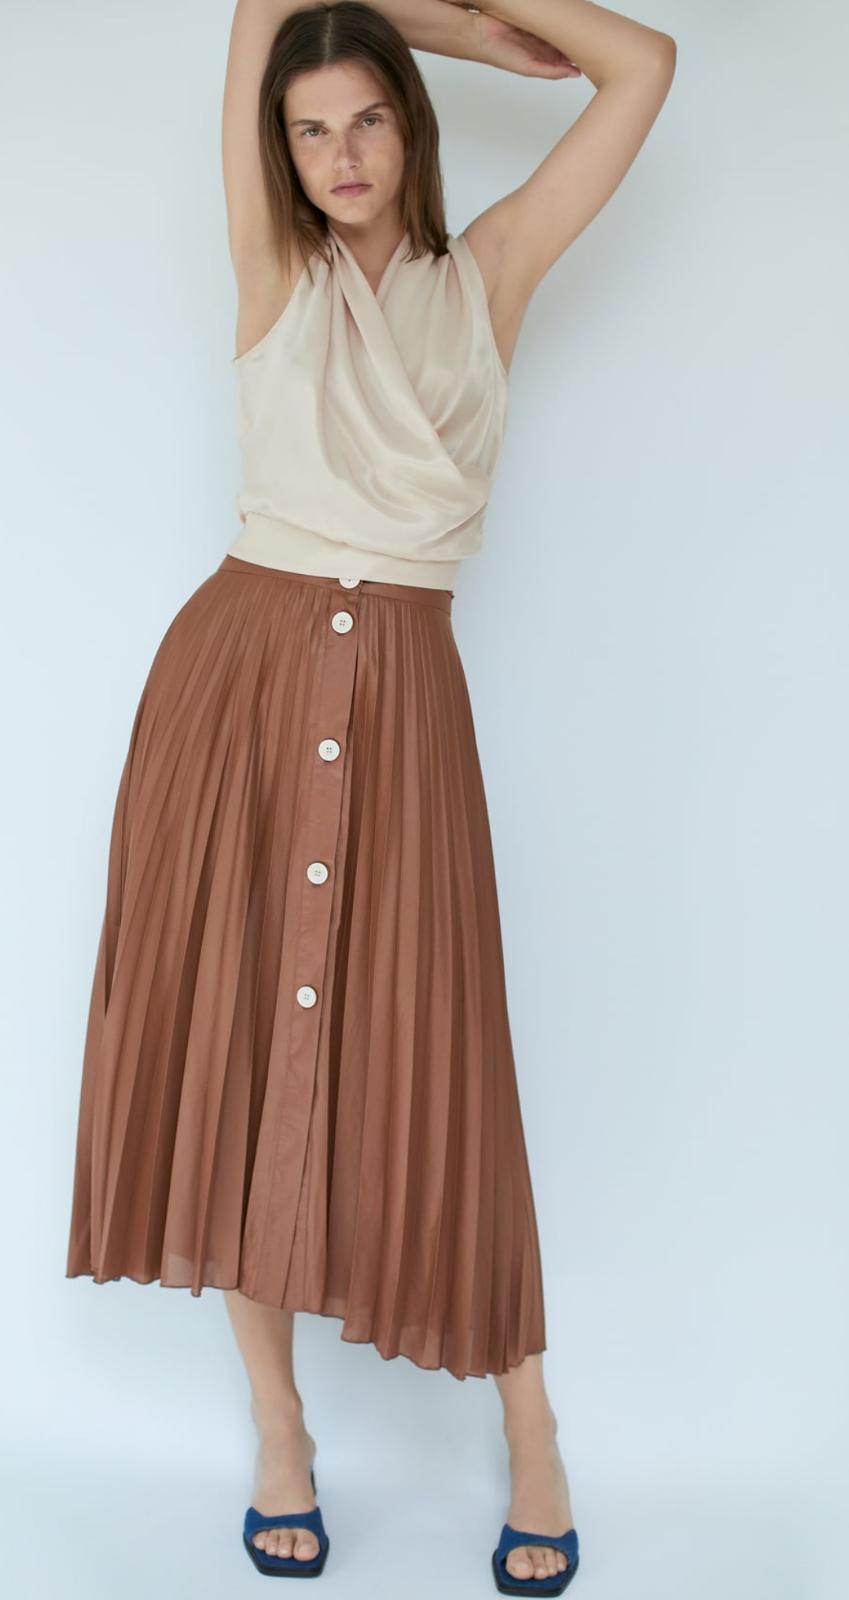 Falda midi de tiro alto plisada con cierre frontal con botones 29'95€